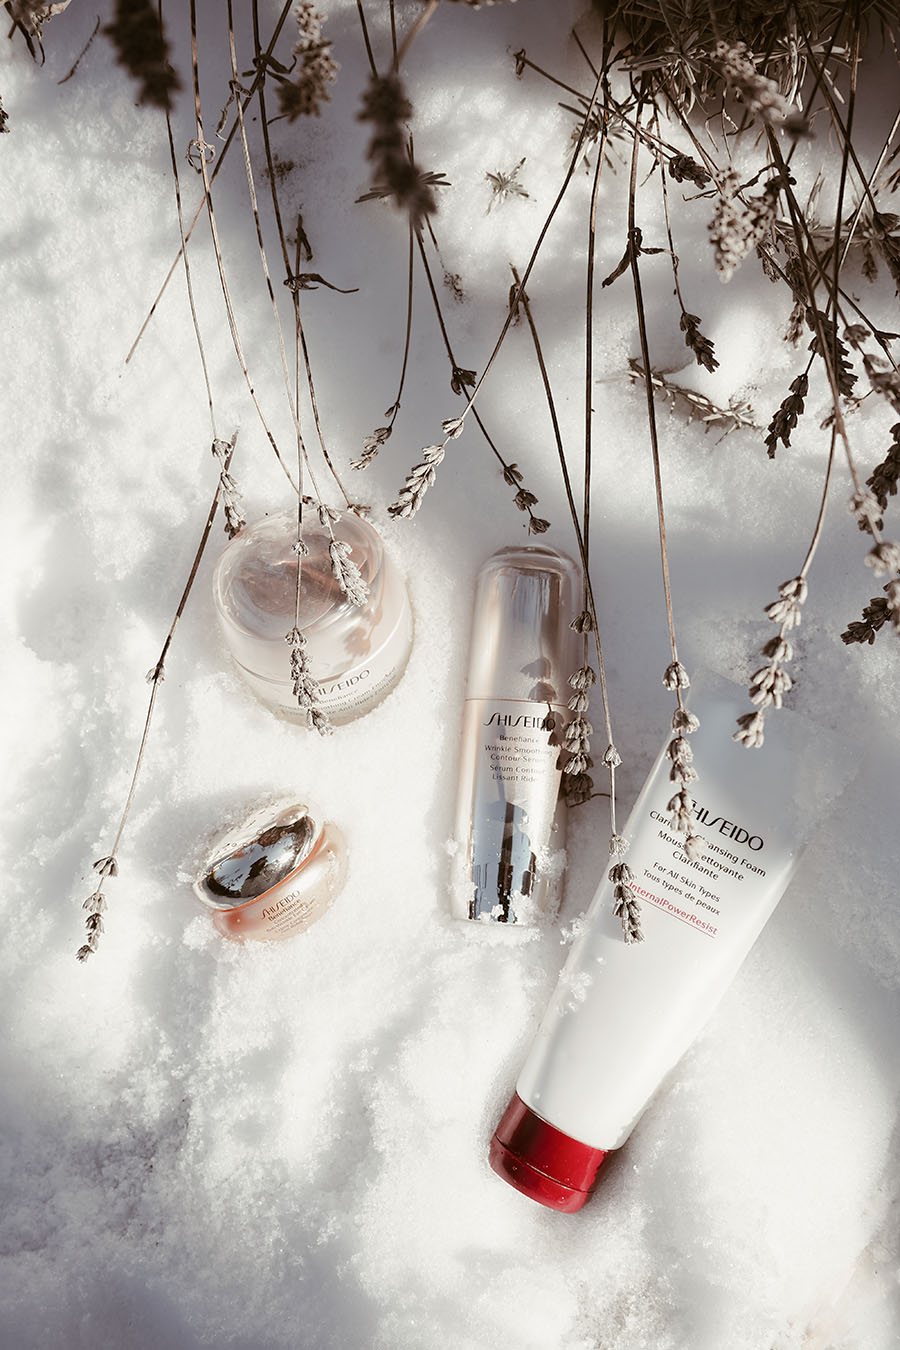 Gesichtspflege-für-Winter-trockene-Haut